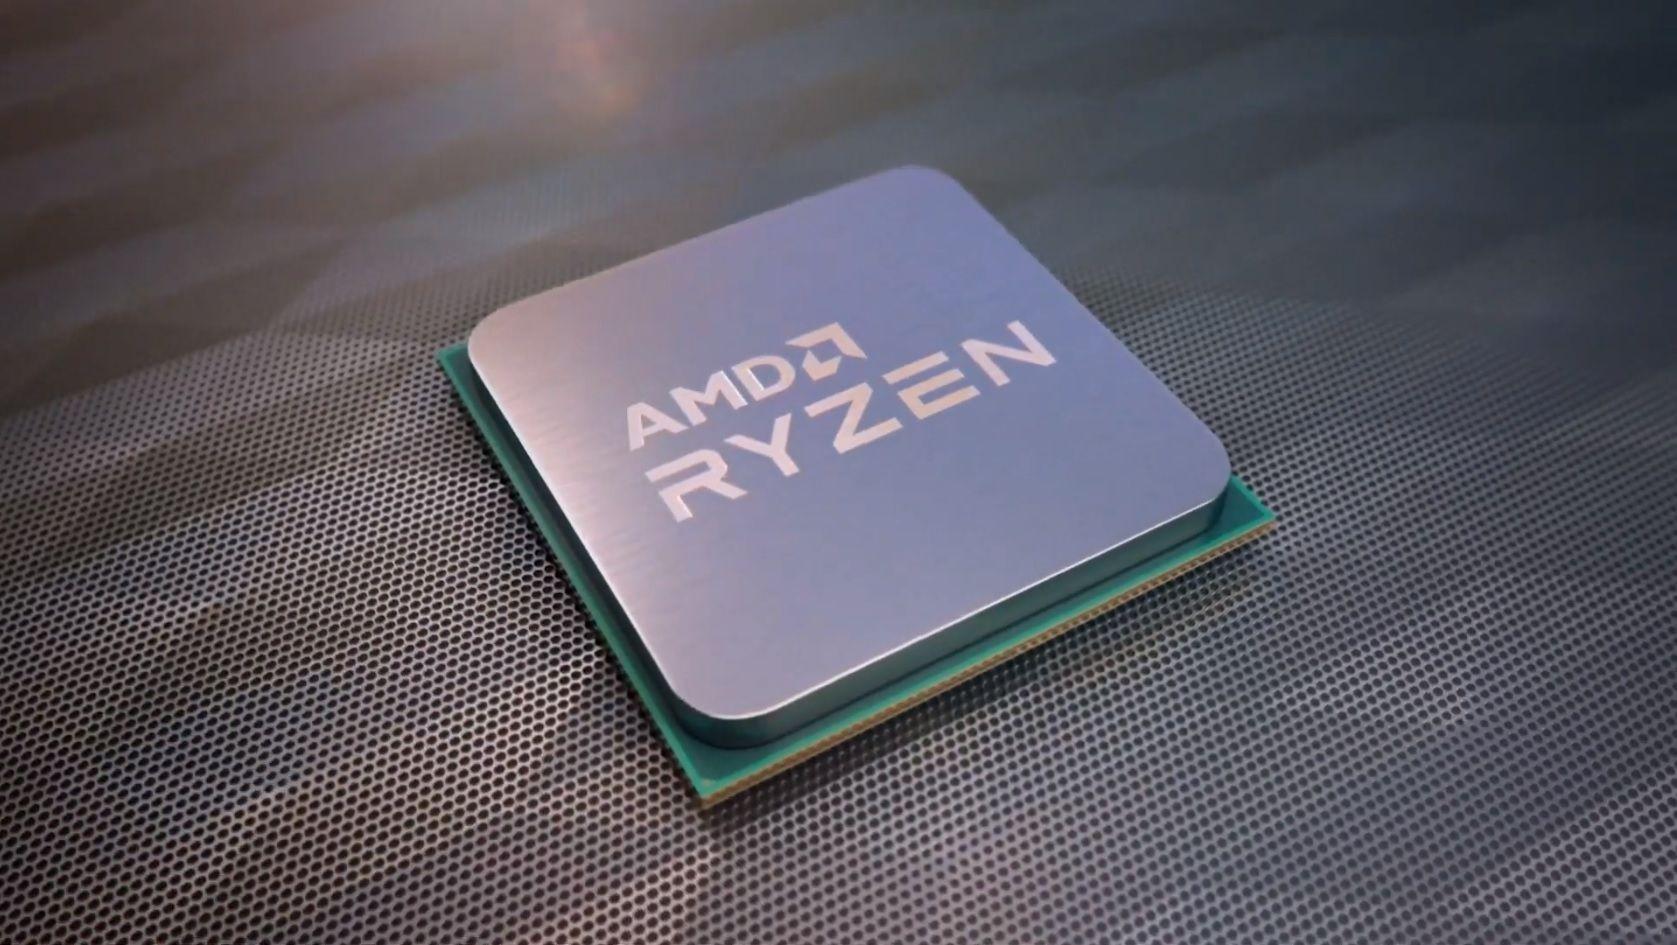 AMD Ryzen 5 5600X : devant Intel comme processeur le plus rapide en single thread sur Passmark